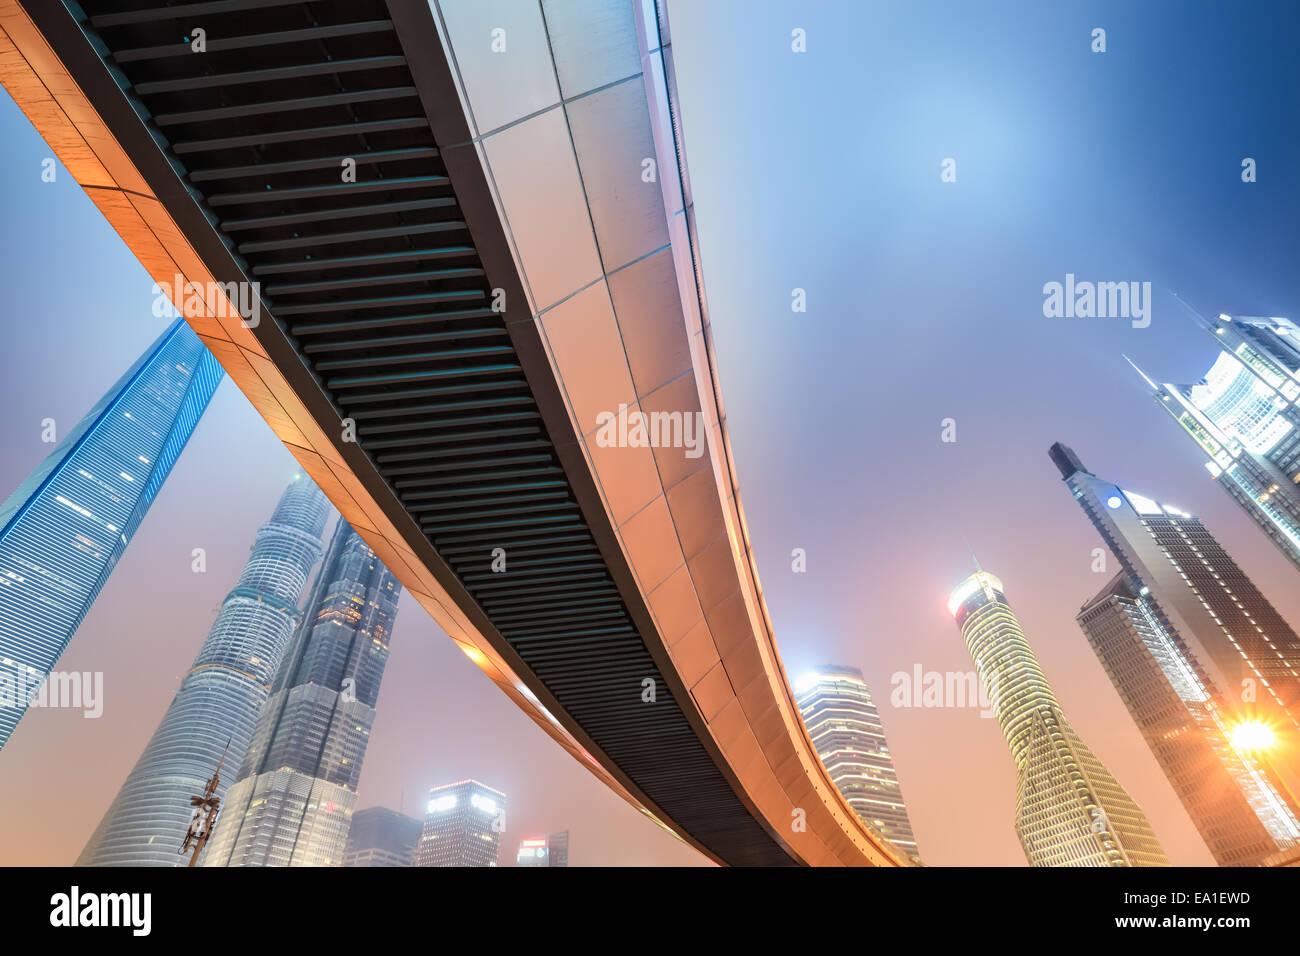 Vista nocturna de la metrópolis moderna en Shanghai Imagen De Stock